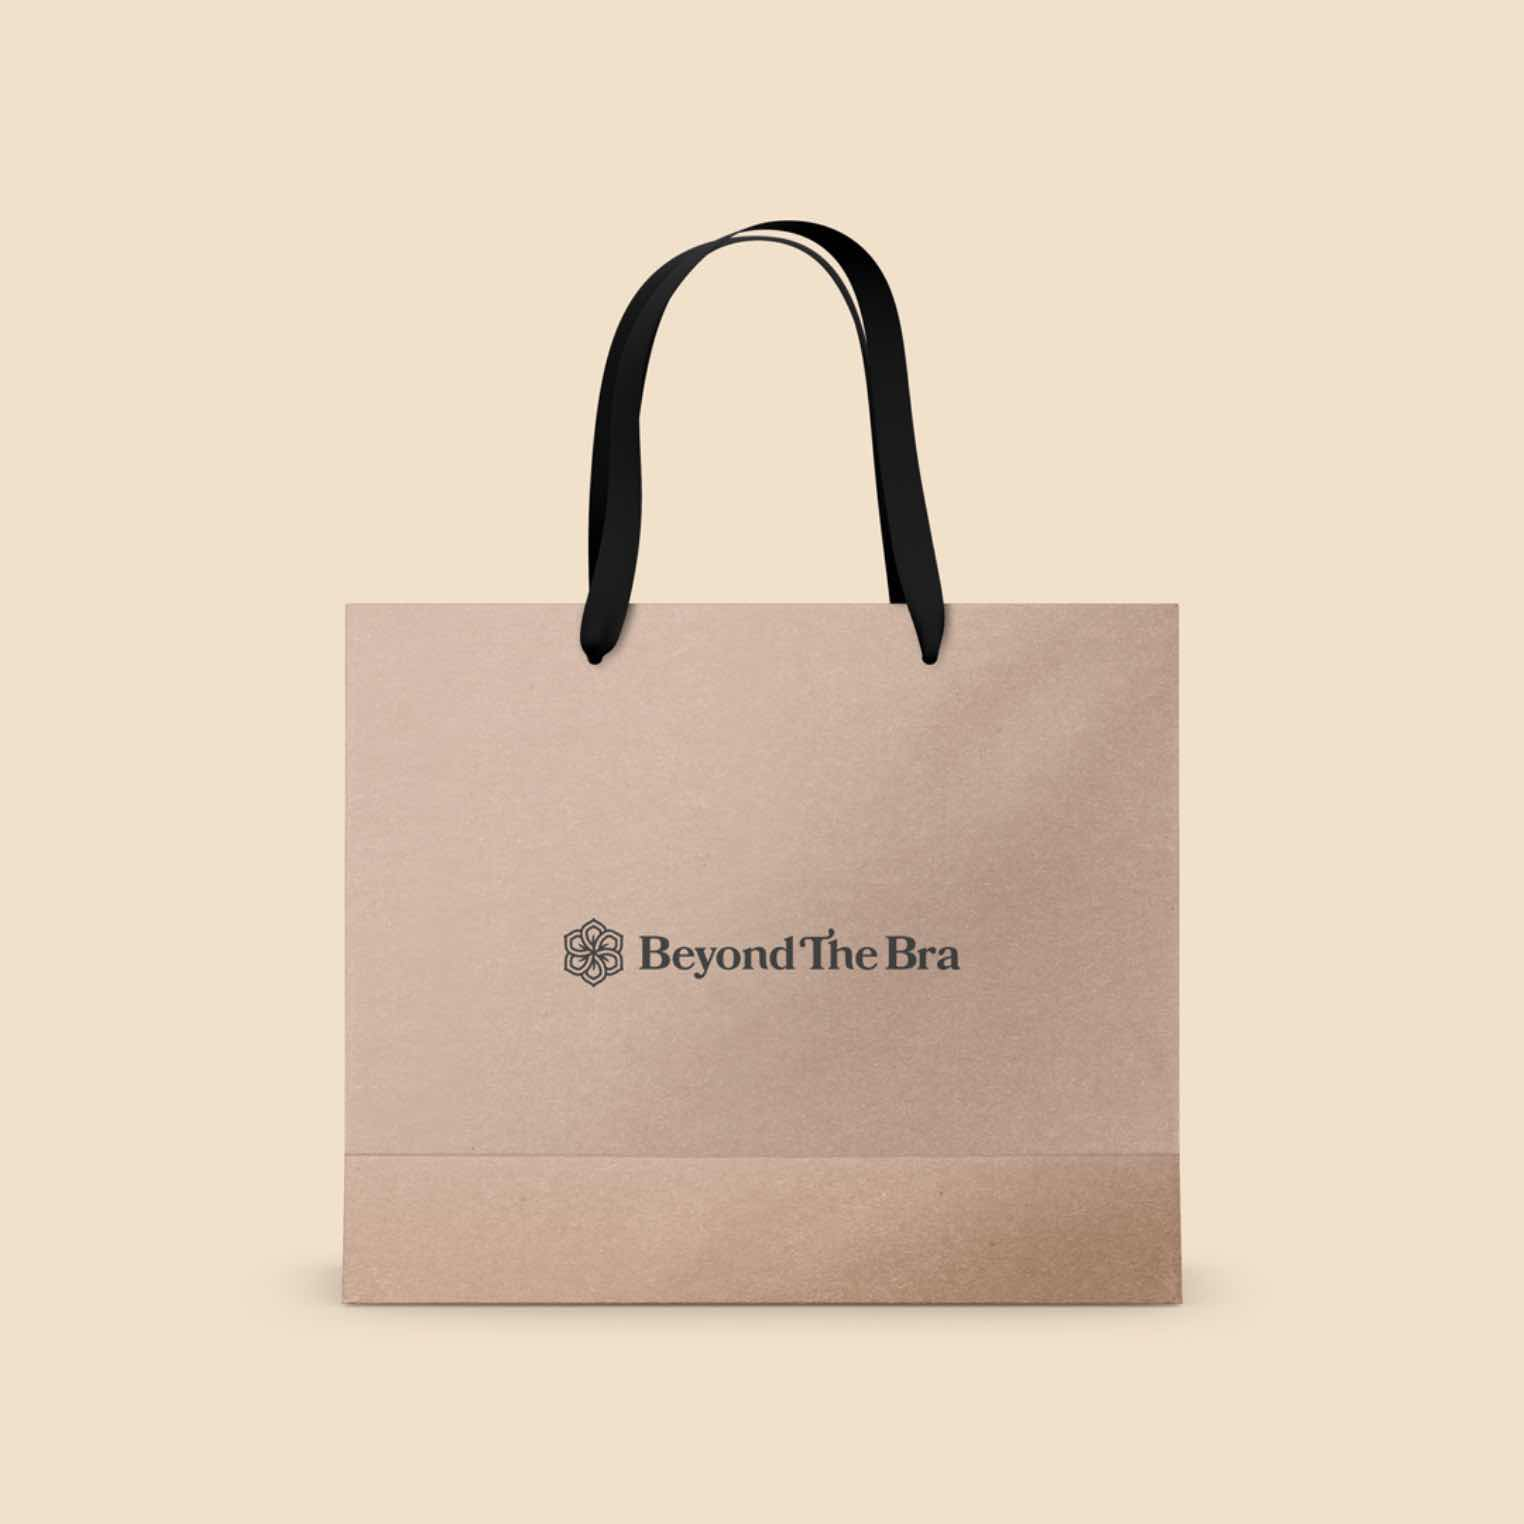 Beyond The Bra bag mockup